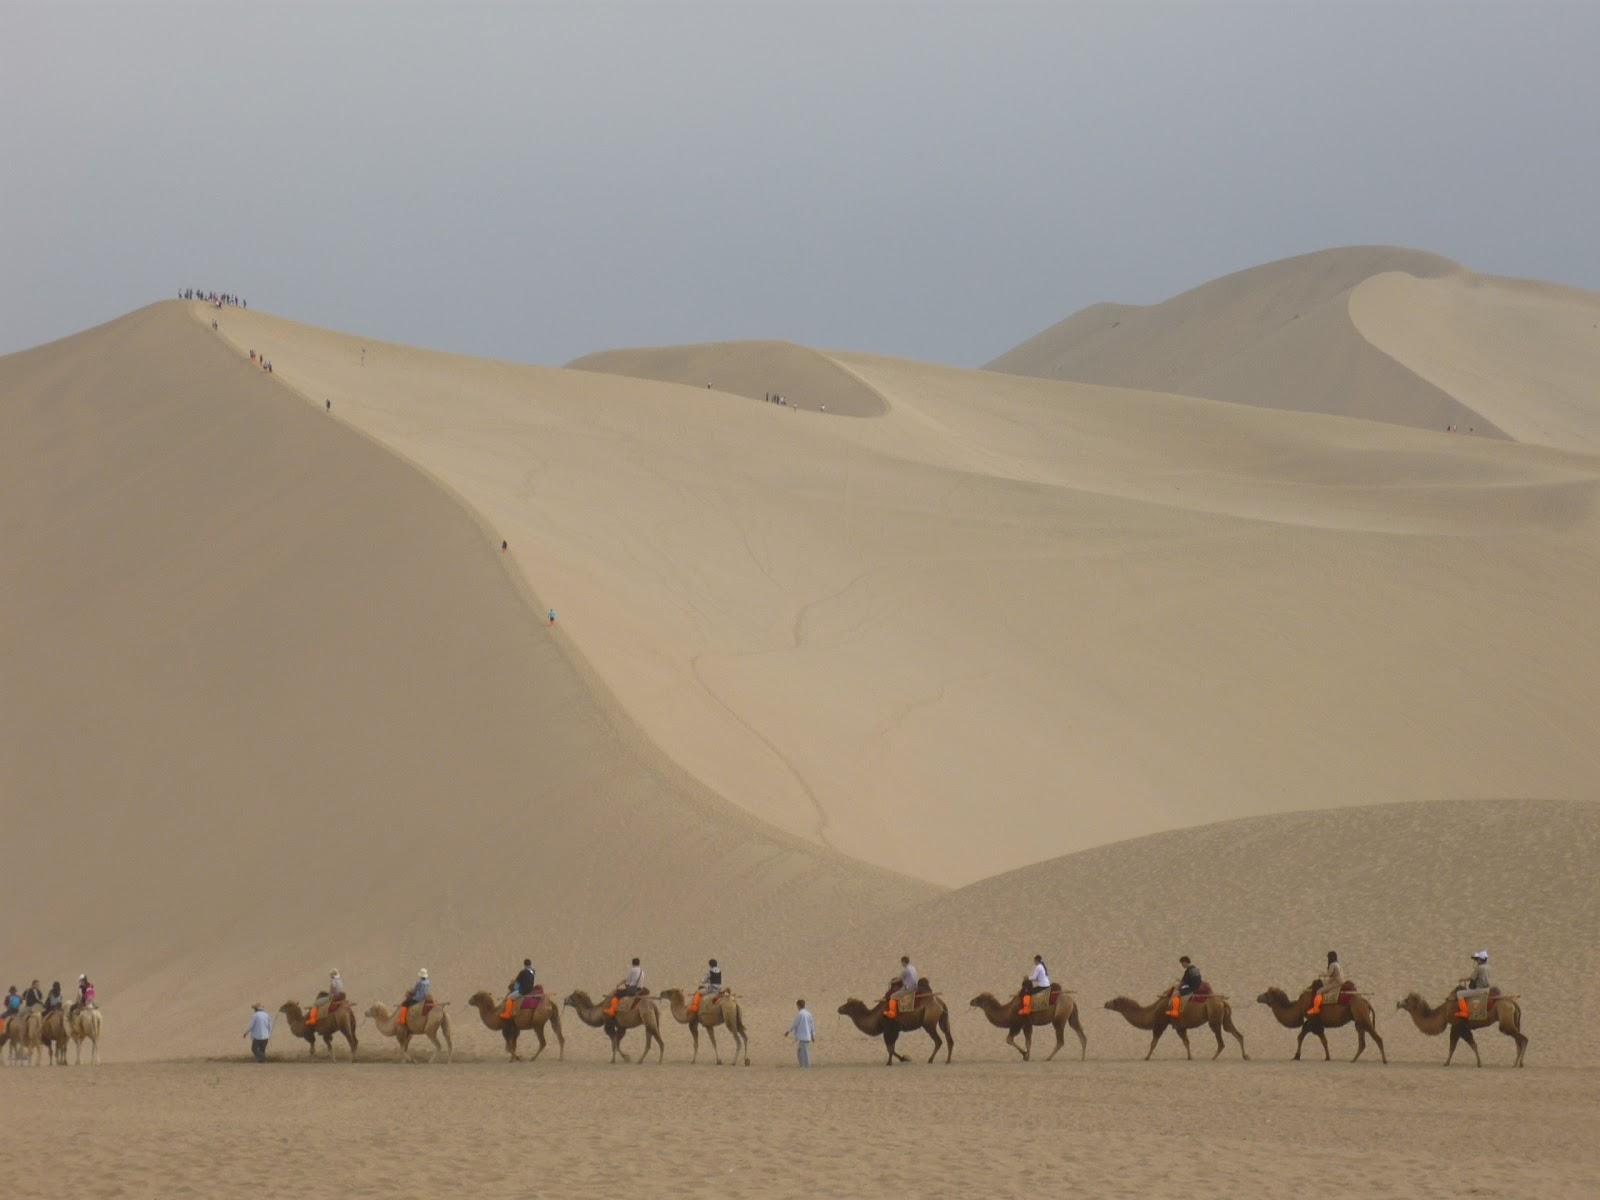 敦煌の砂漠を進むキャラバン